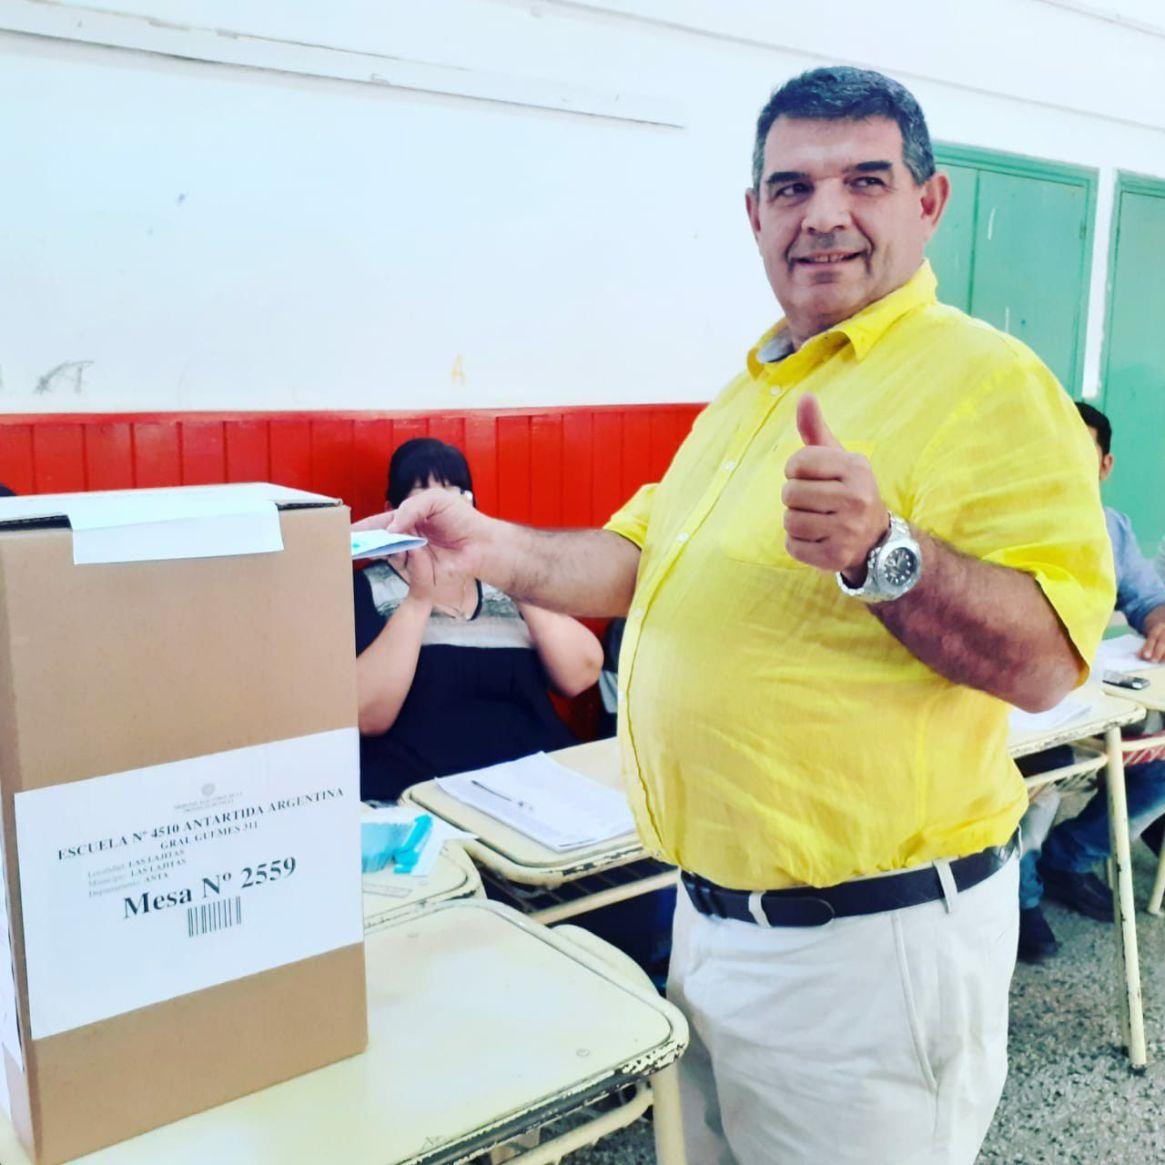 El diputado nacional y candidato a gobernador de Salta, Alfredo Olmedo